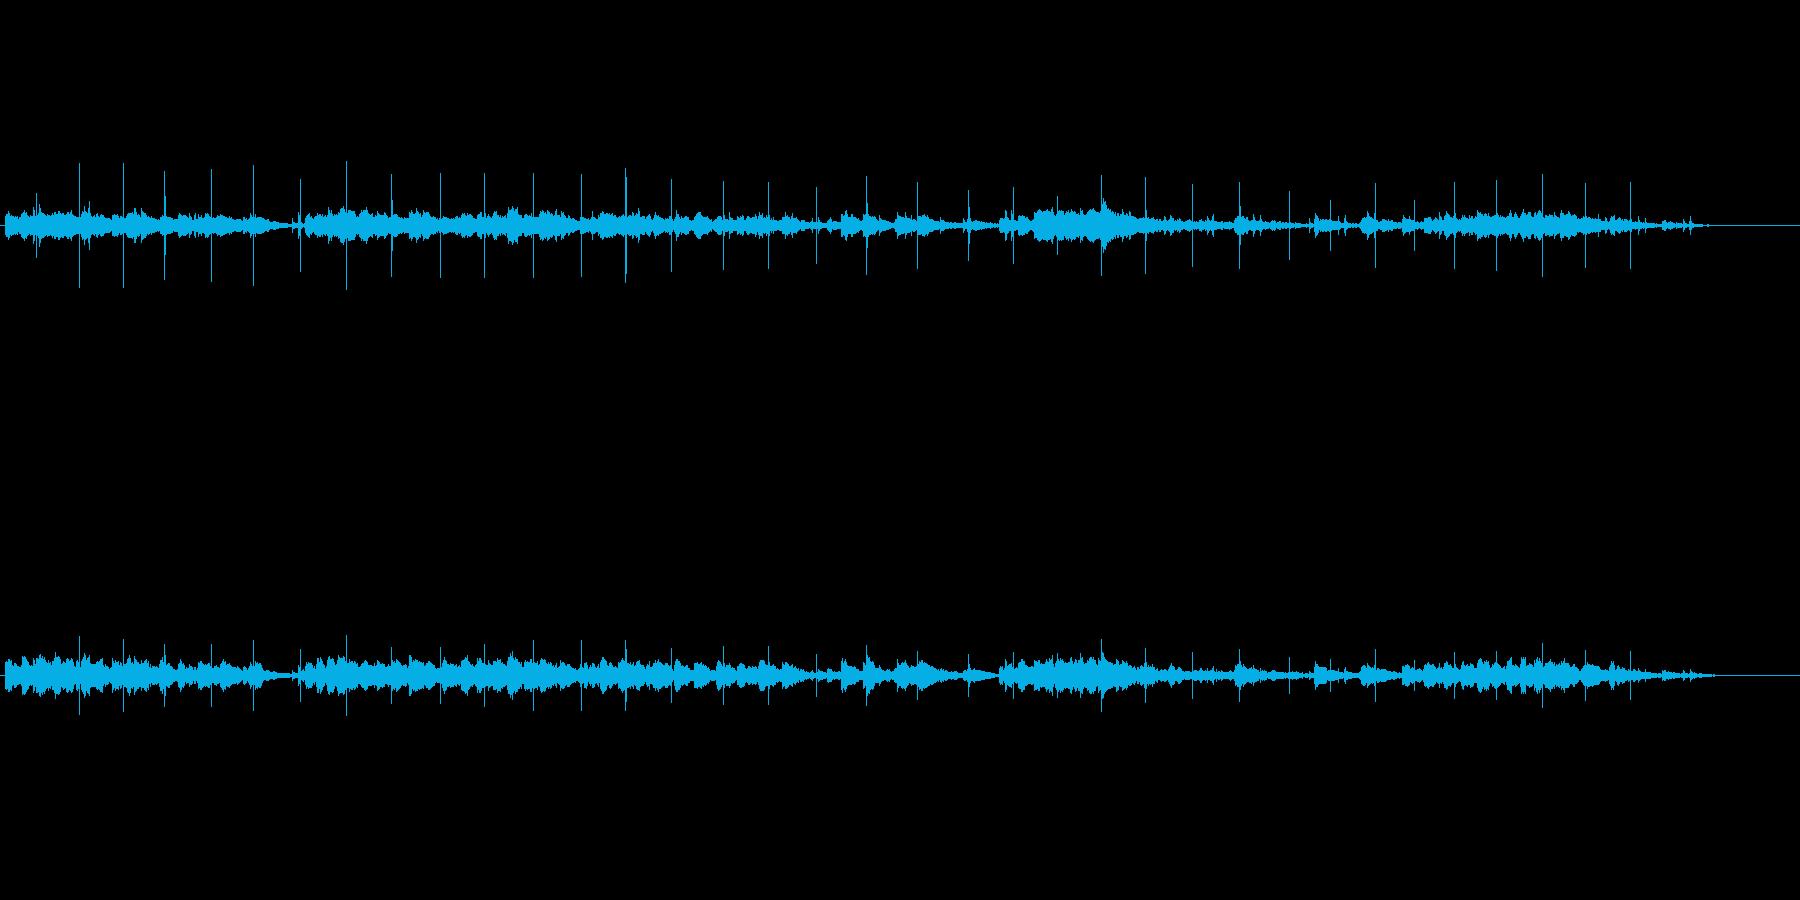 サスペンス調(忍び寄る影)の再生済みの波形